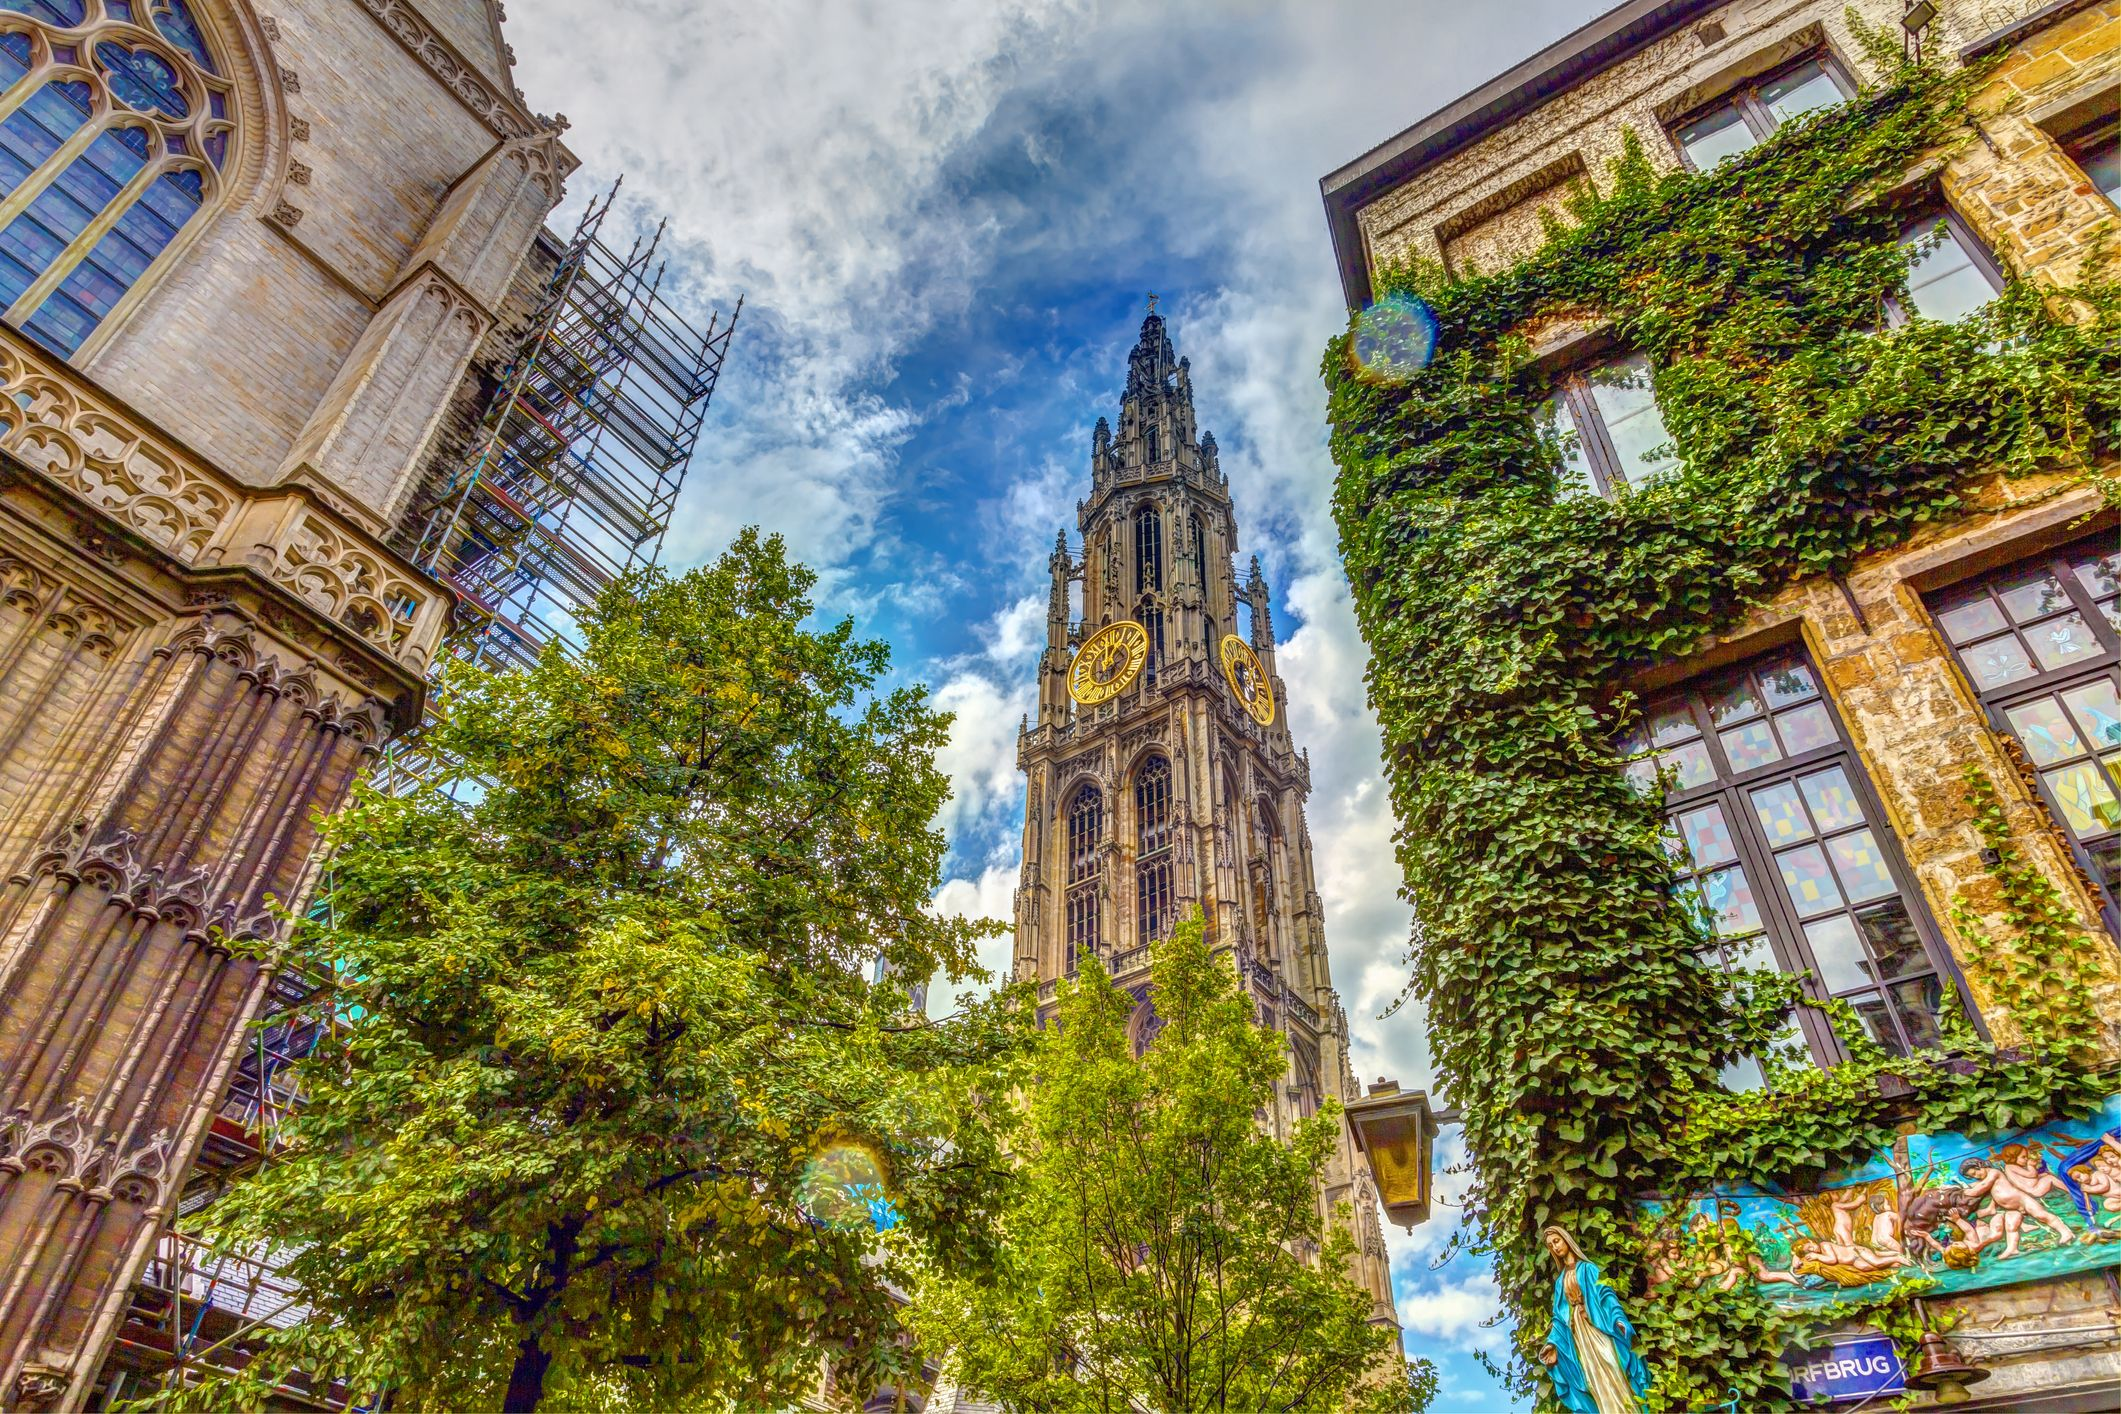 Cosa fare ad Anversa? I migliori consigli dai locals